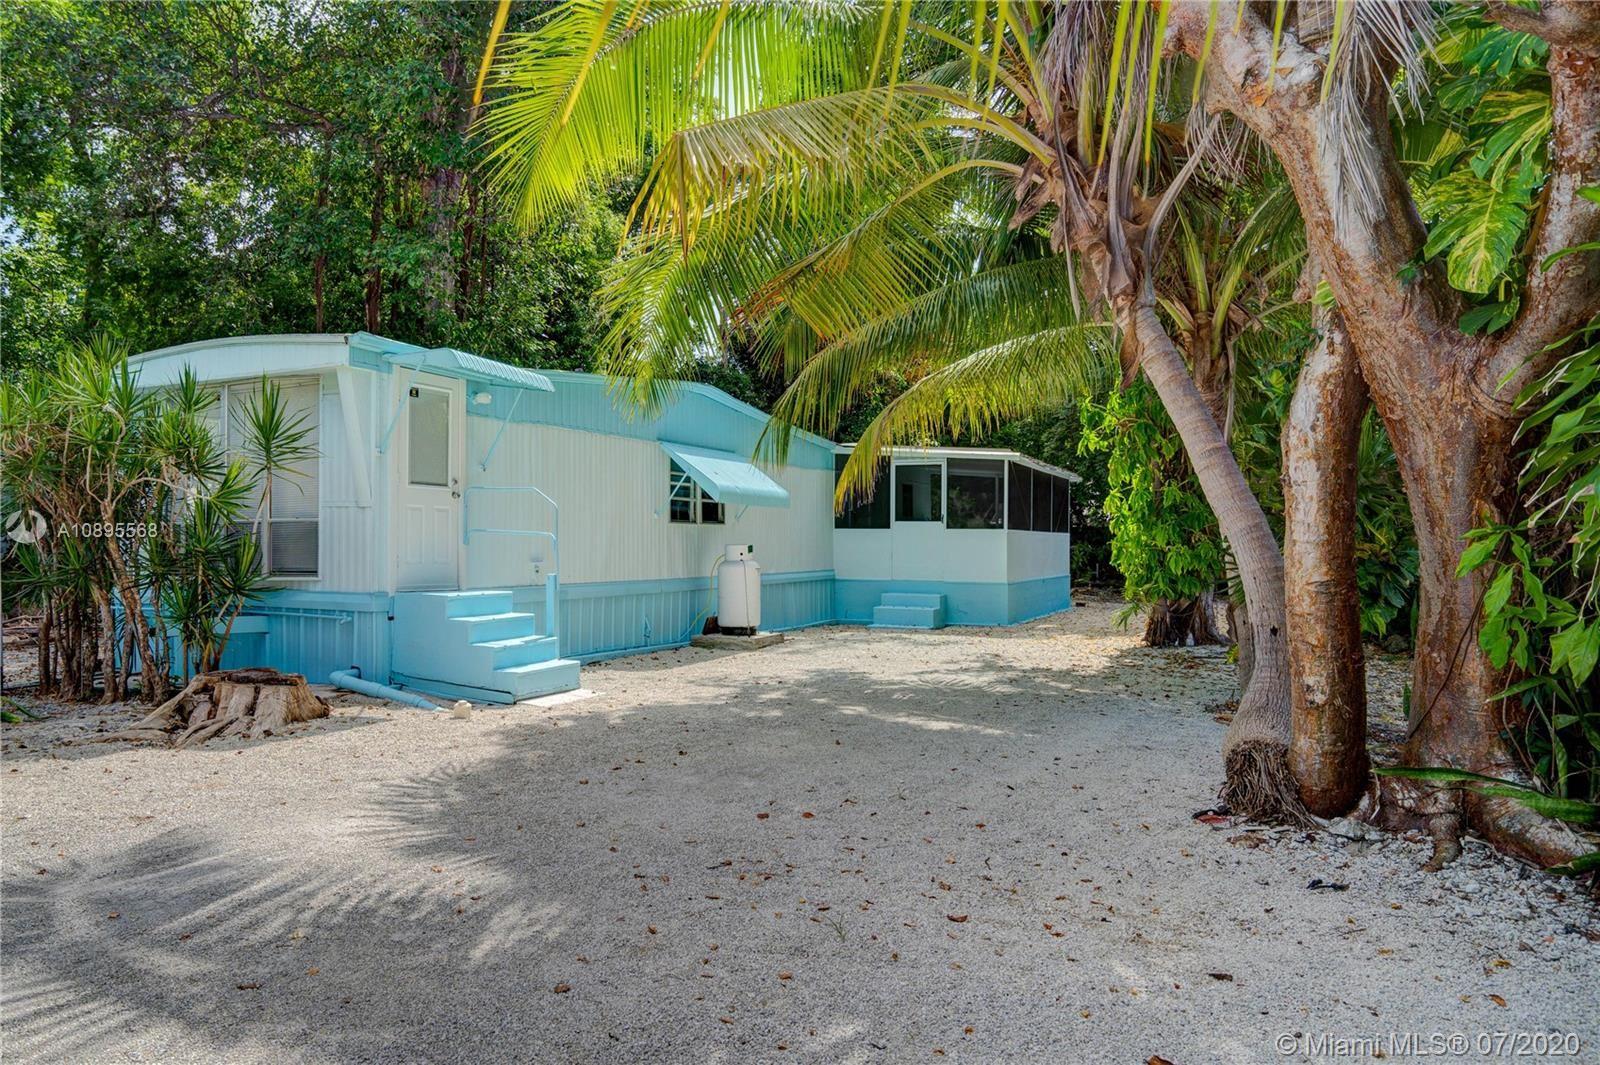 48 Tina Pl, Key Largo, FL 33037 - #: A10895568